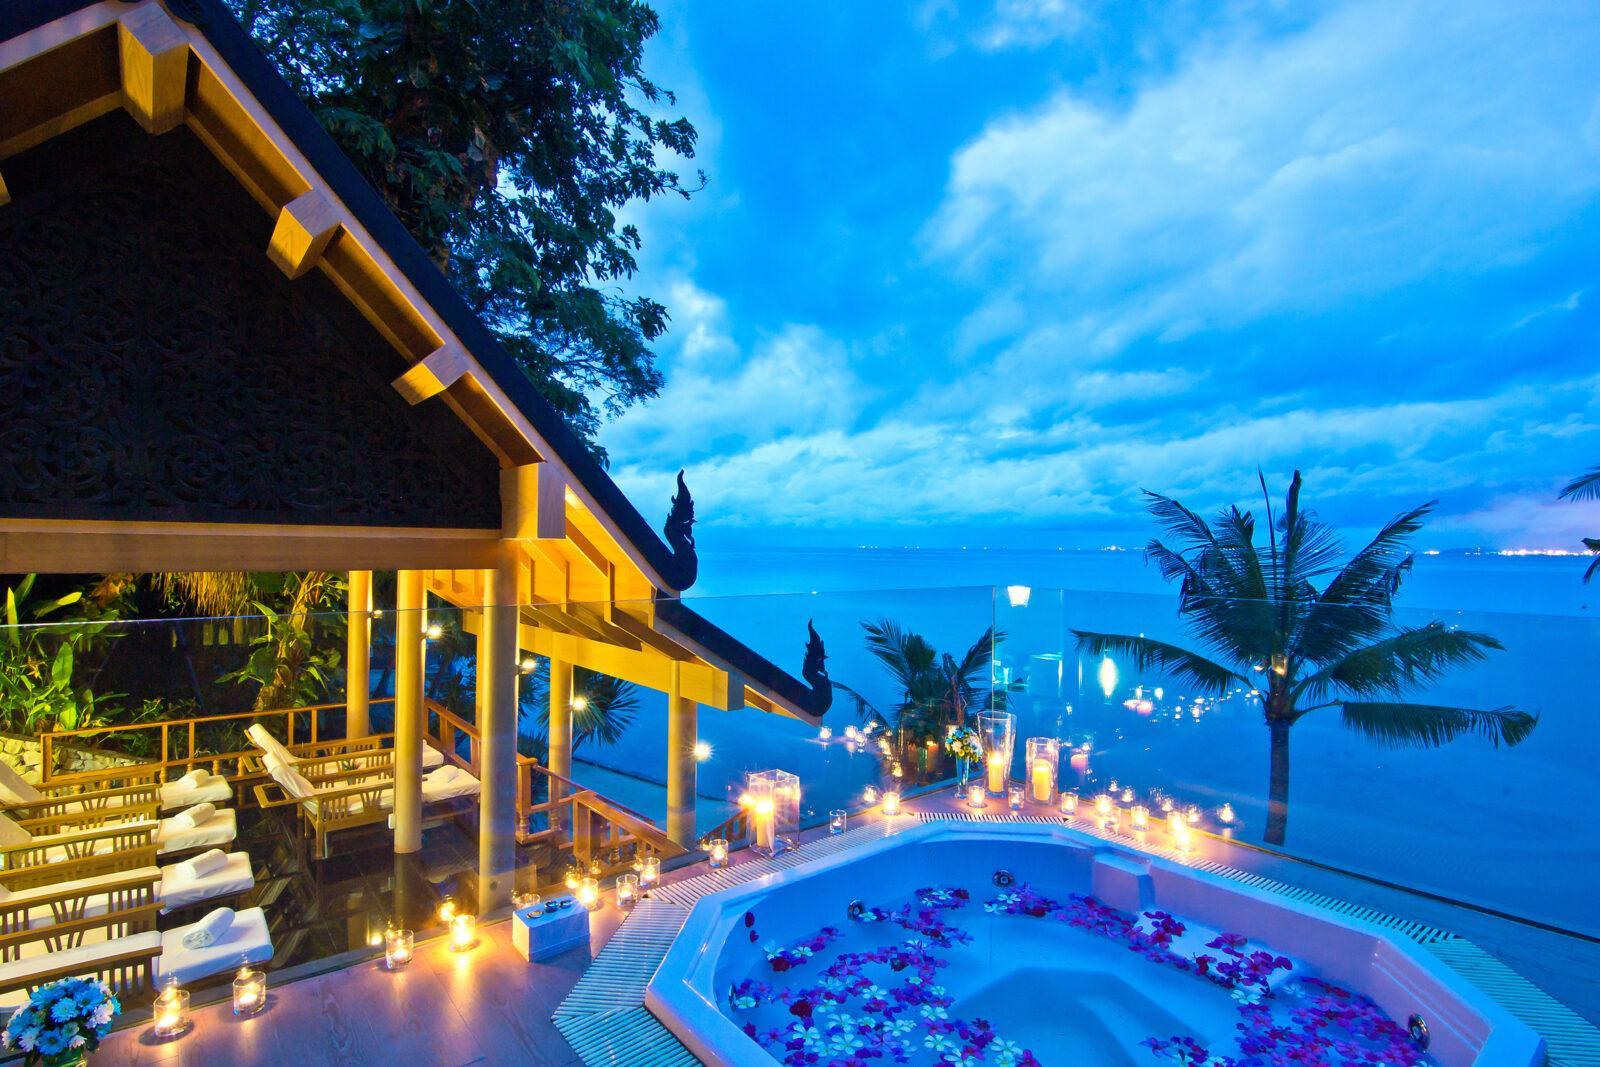 Фото отеля в Таиланде